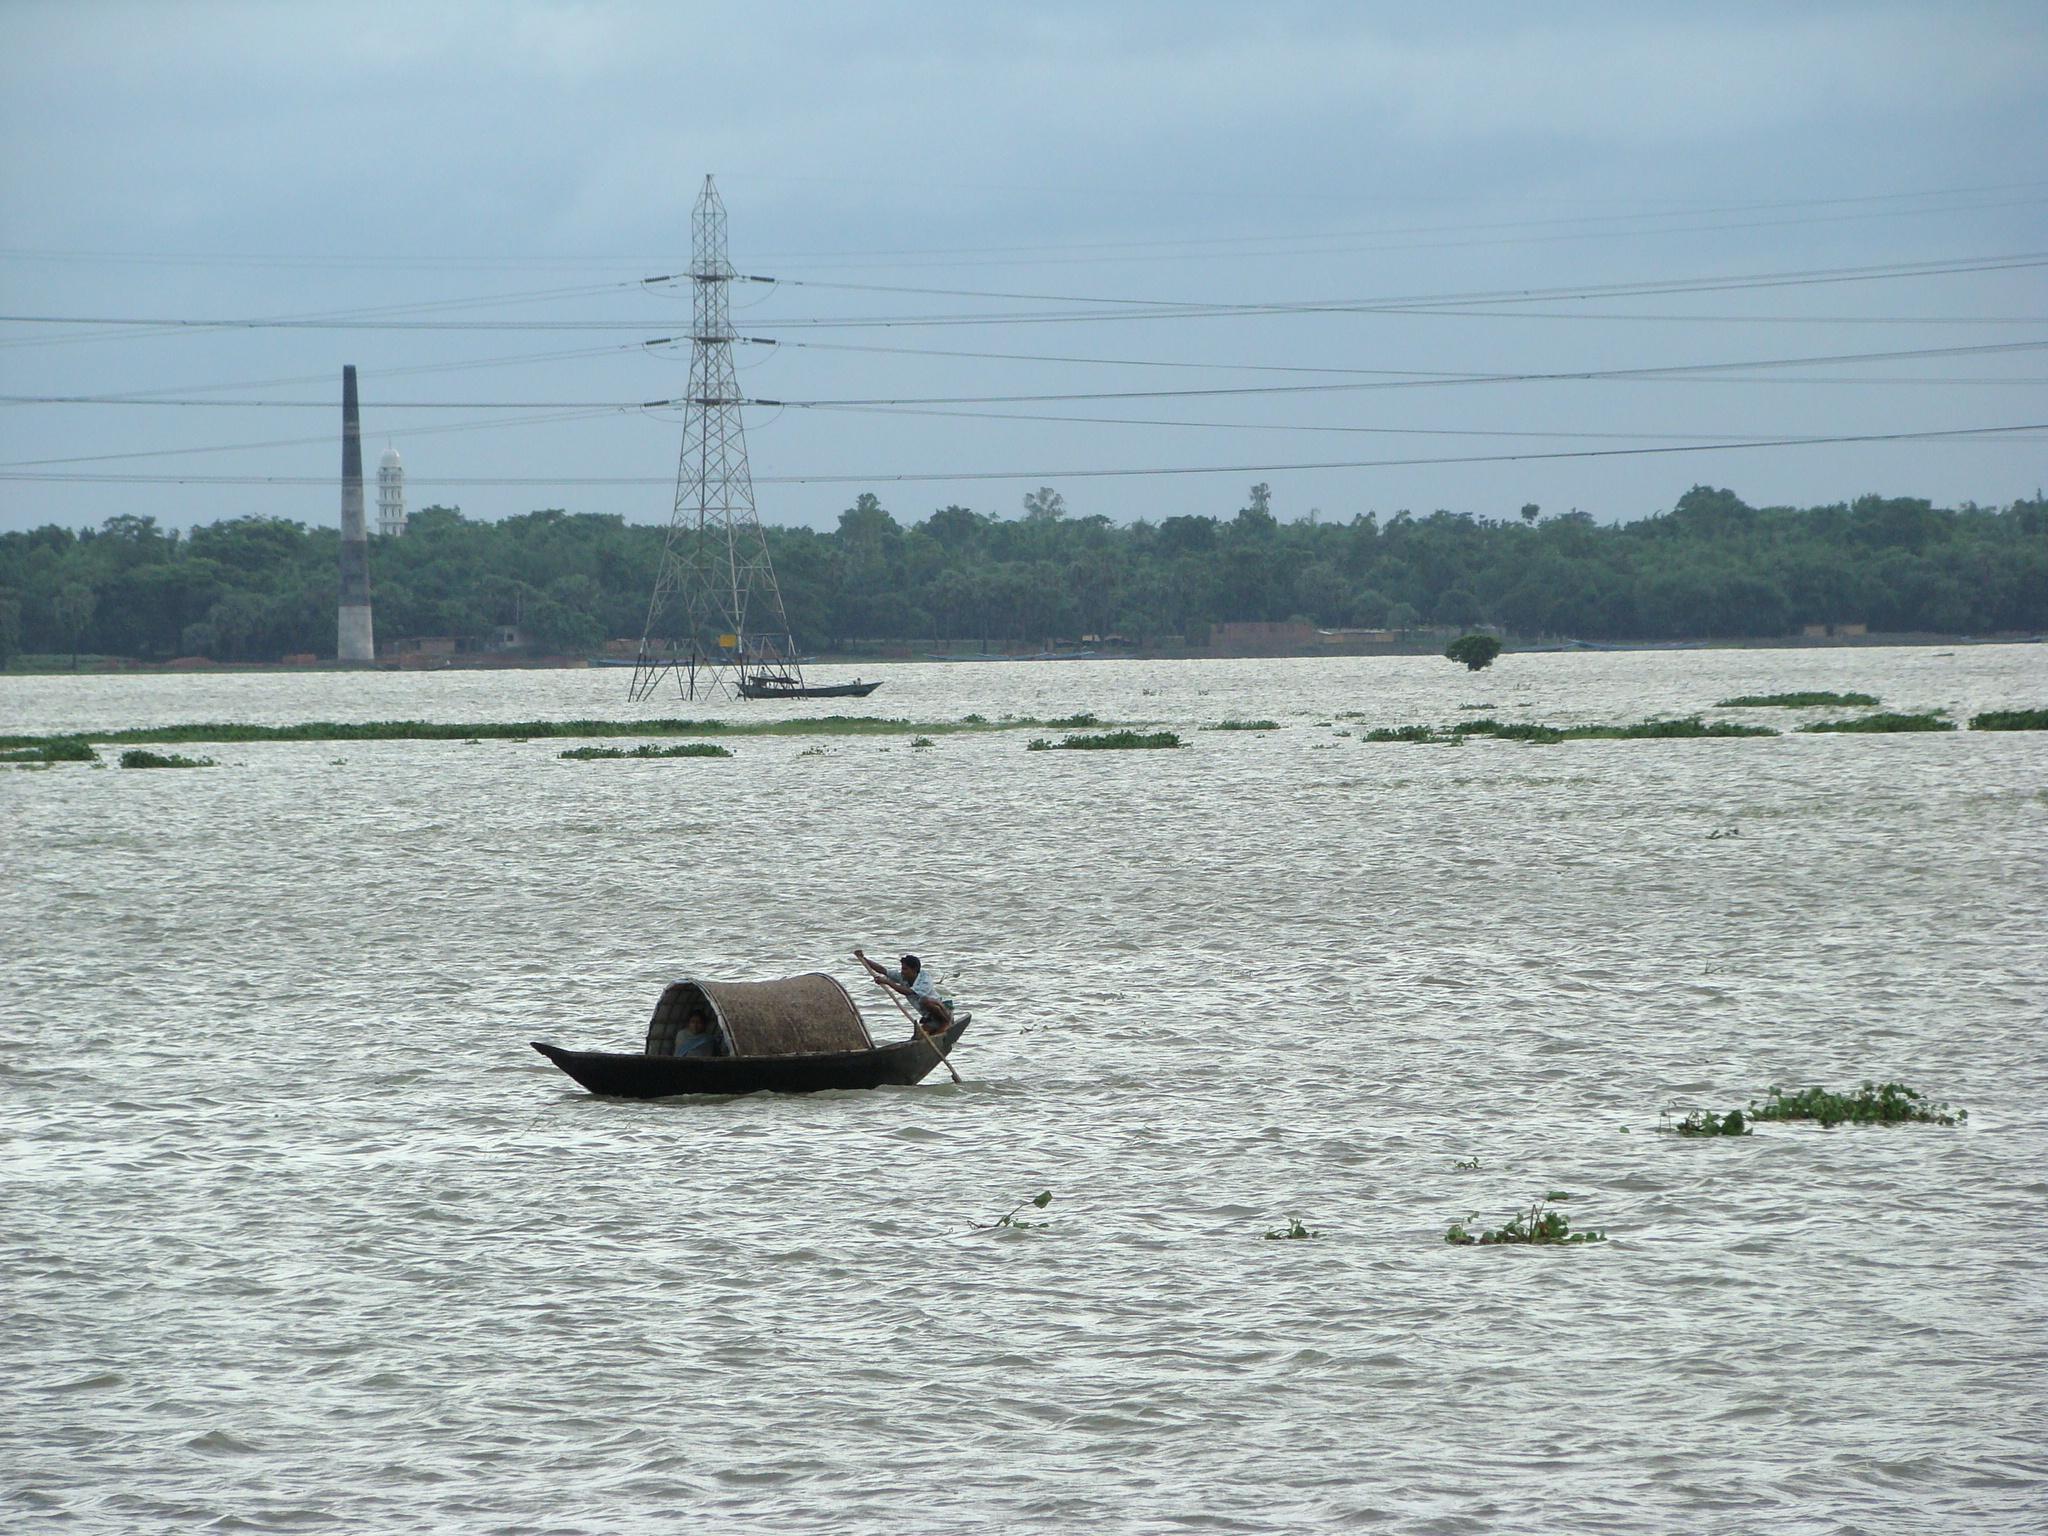 http://bangladeshtourism.blogspot.com/